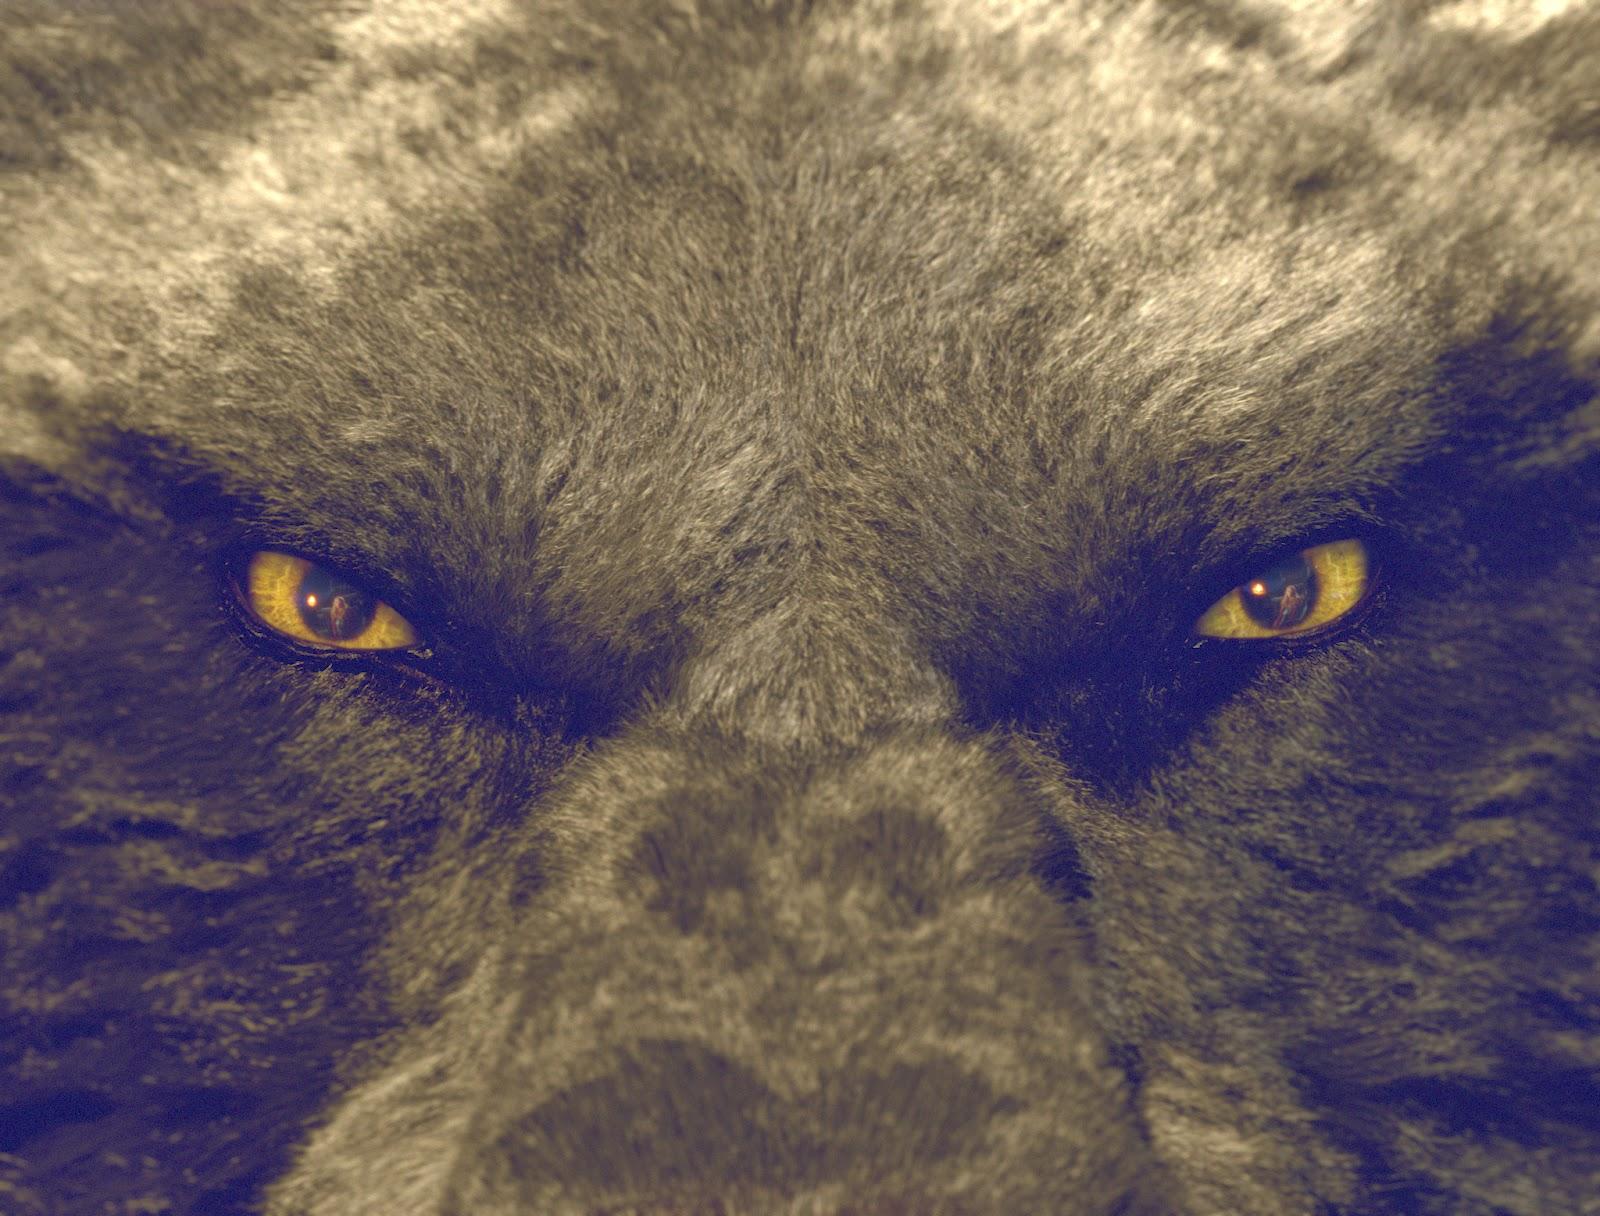 Dokarmianie Wilków, Czerwony kapturek, Red Riding Hood, Dziewczyna w Czerwonej Pelerynie, Zmierzch, Meyer, Belle, Bracia Grimm, Baśnie na Warsztacie, Mateusz Świstak